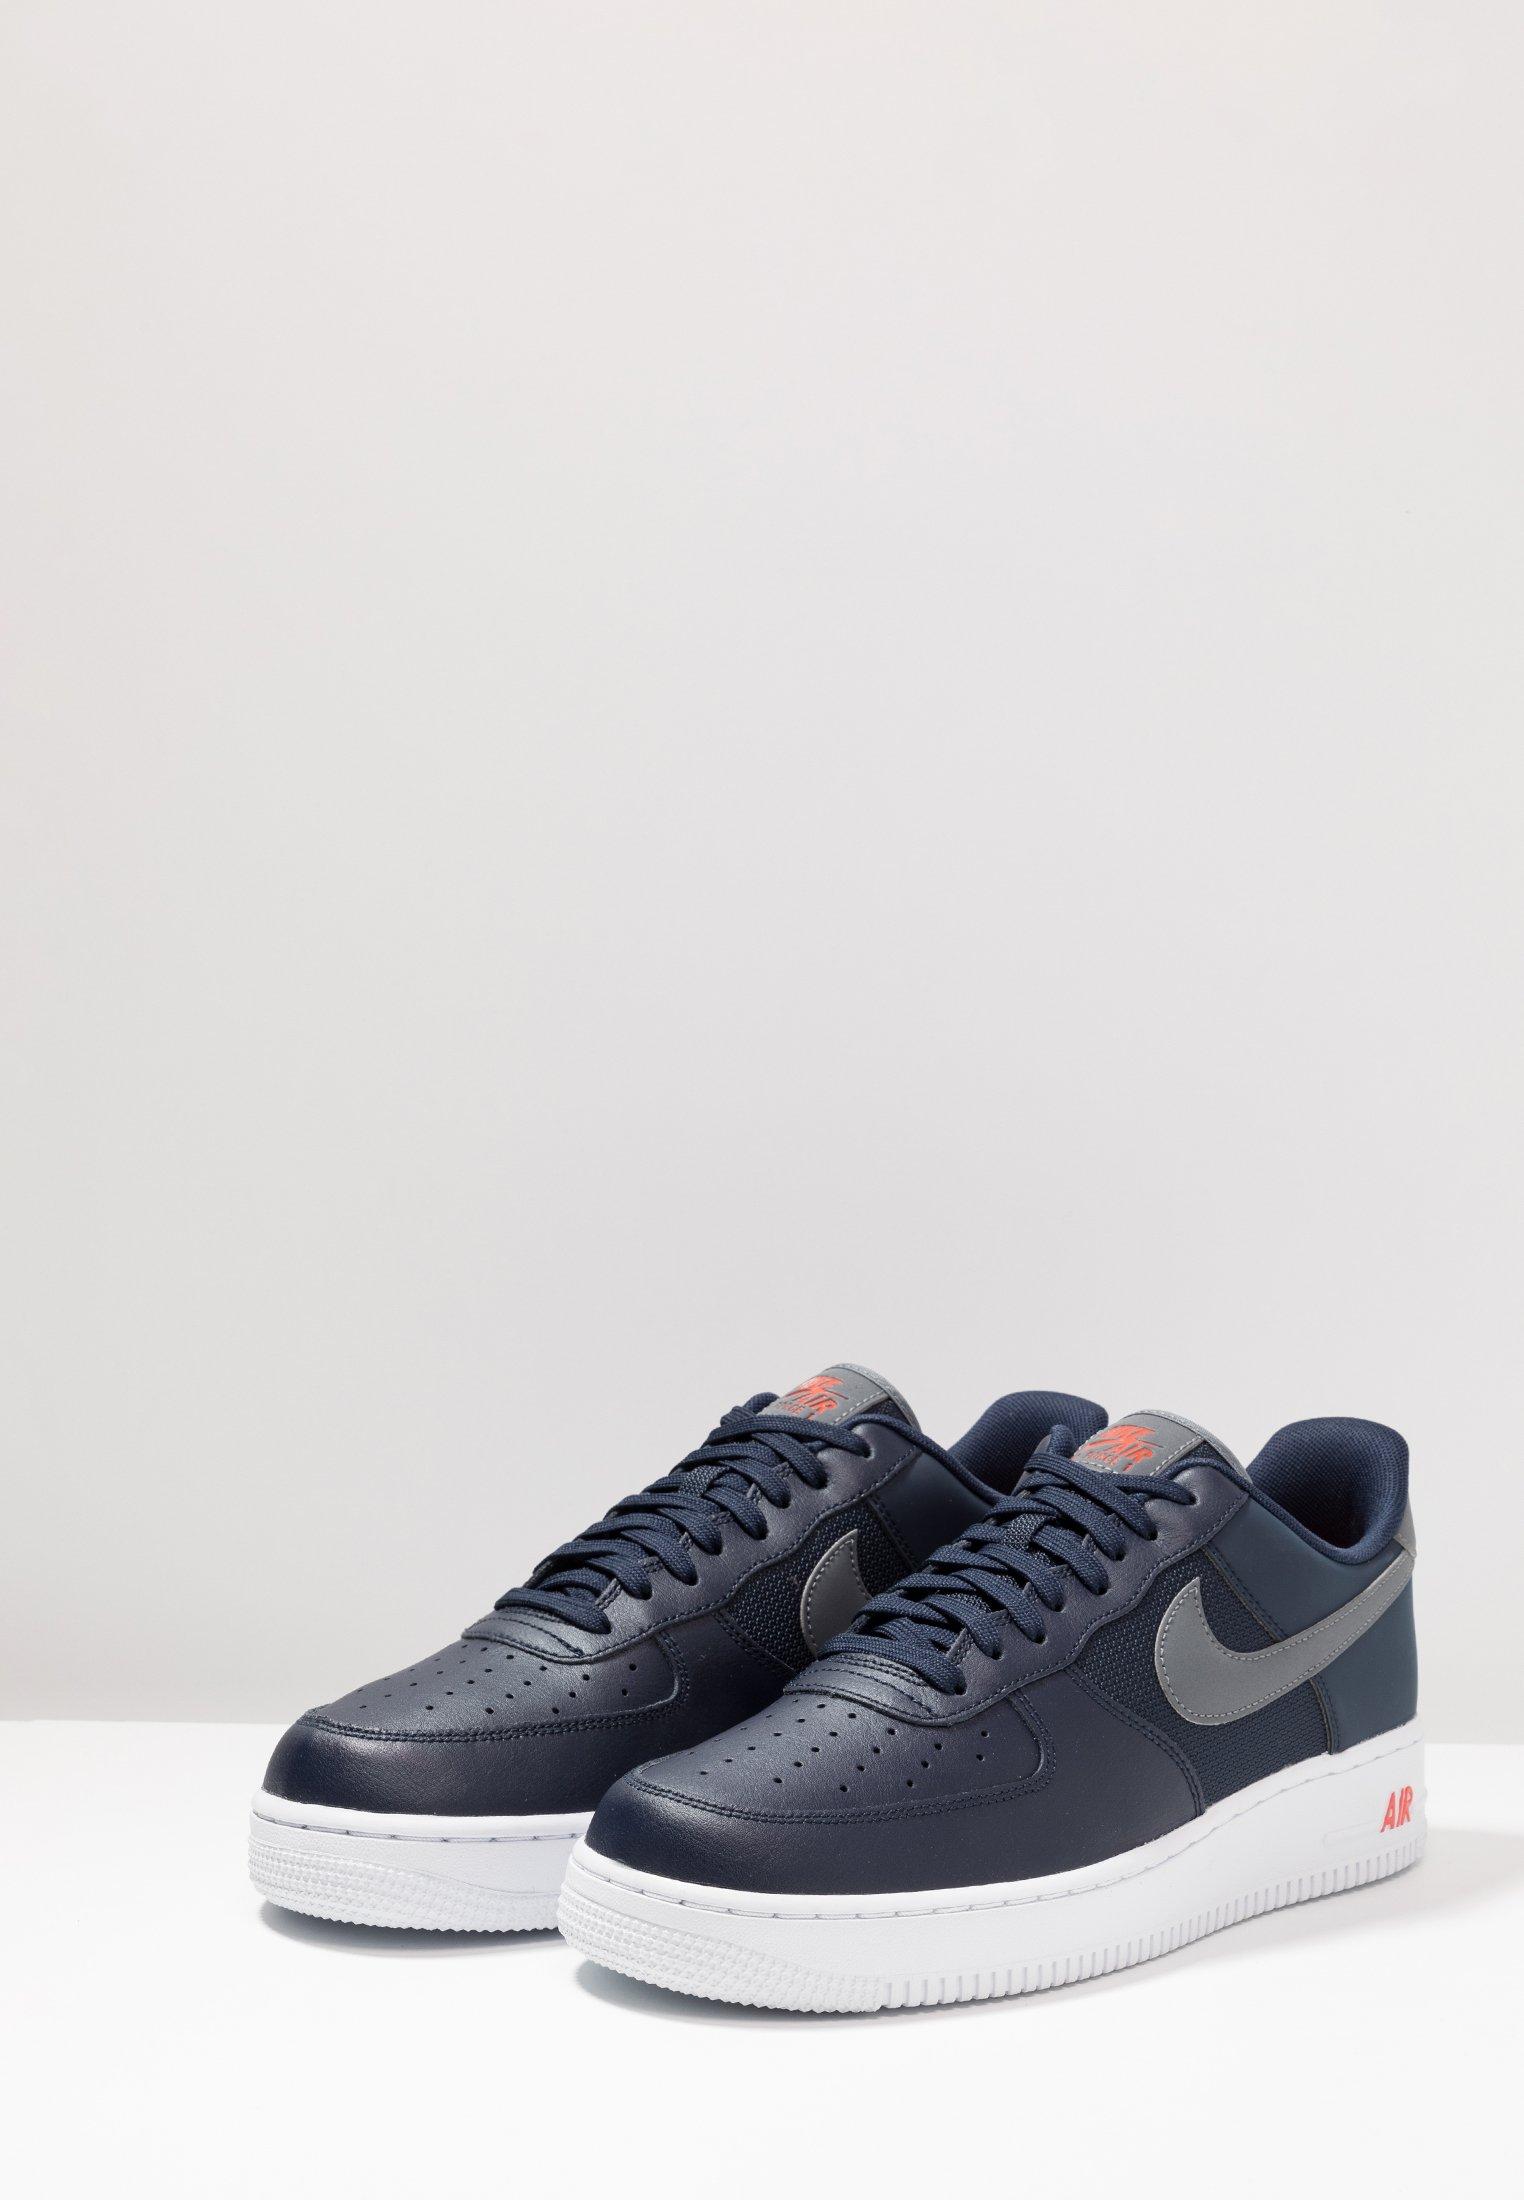 Air Lv8Baskets Nike Force Orange Grey team Basses 1 cool Obsidian '07 Sportswear NO8wn0vm